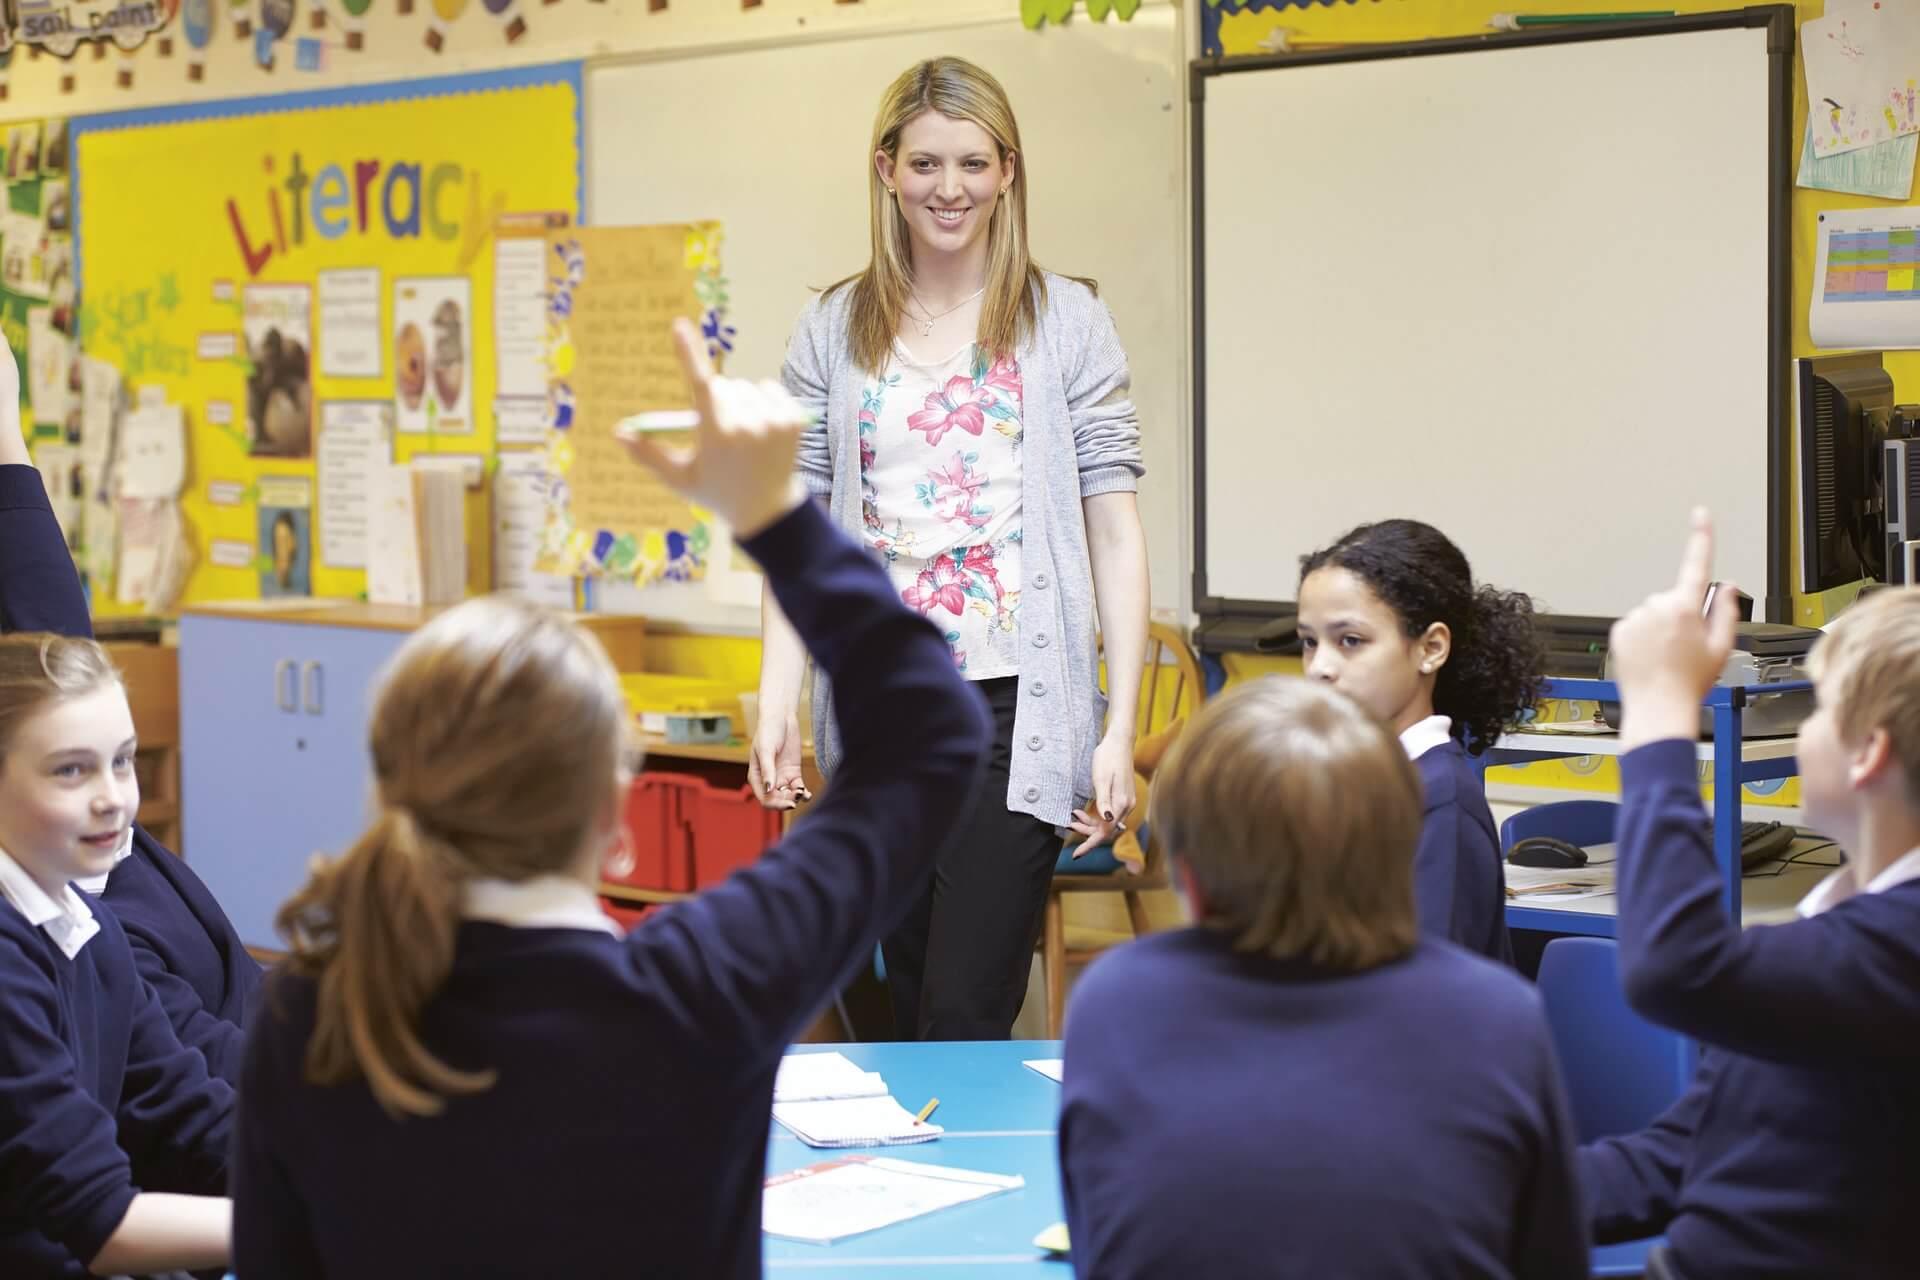 Comment les parents, les enseignants et les enfants peuvent agir pour prévenir le harcèlement ?